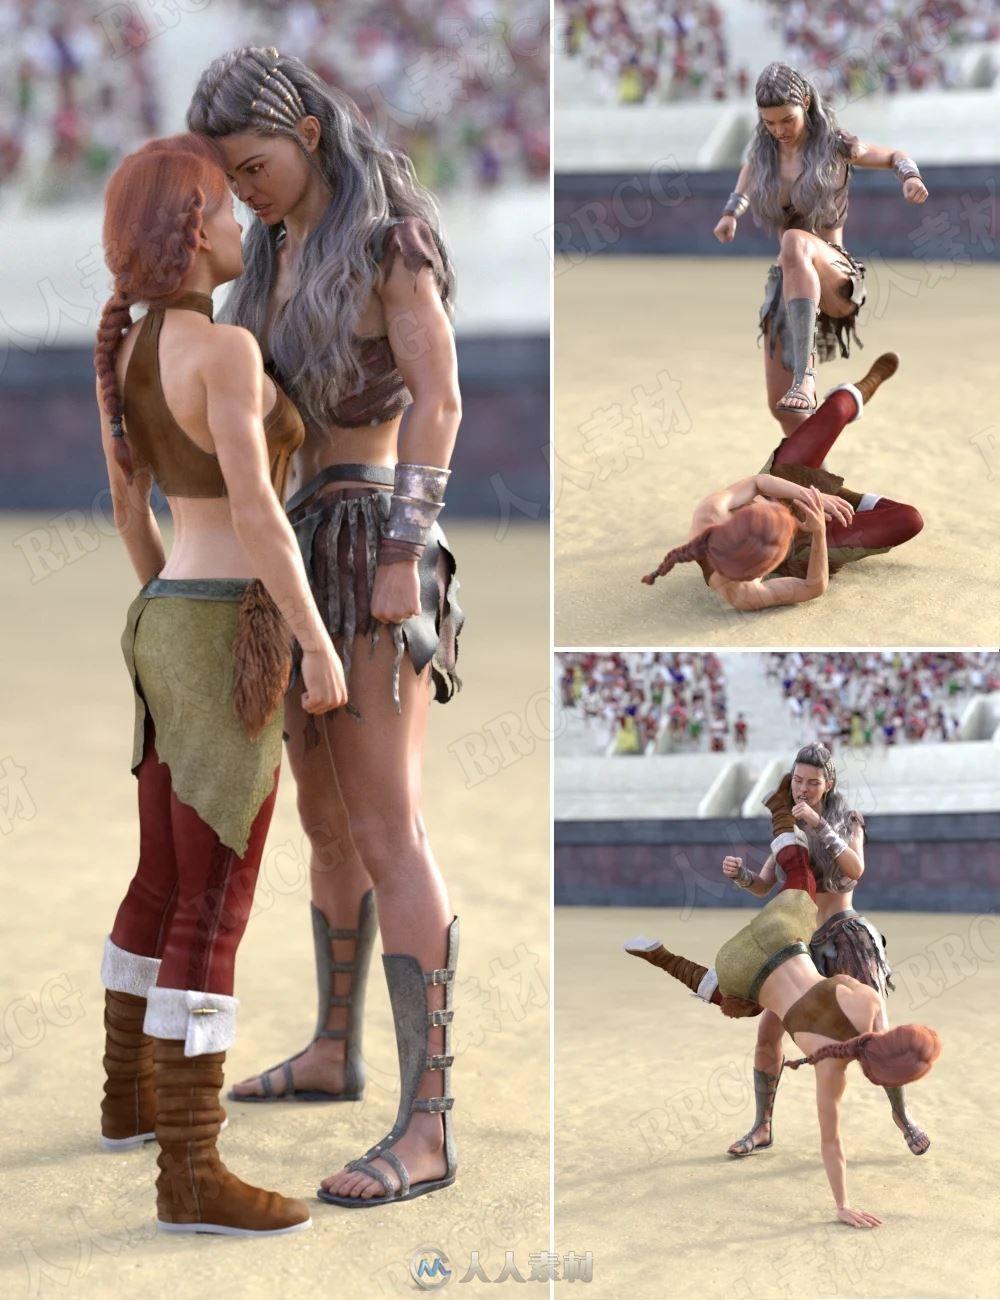 双人对打摔跤人物动作姿势3D模型合集